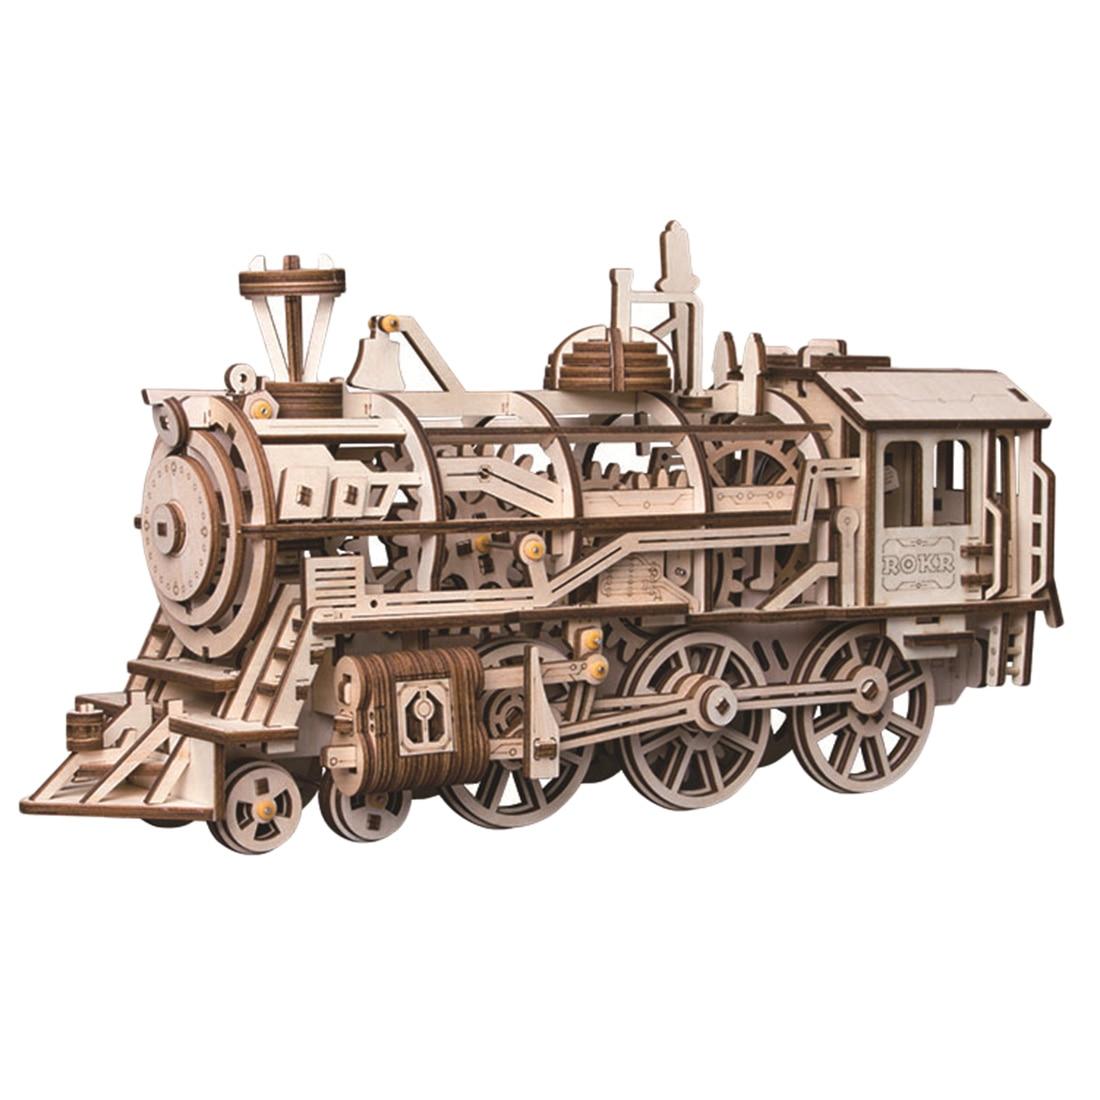 Hot populaire créatif mécanique engrenages 3D en bois Puzzle pour enfants mouvement assemblé Locomotive vapeur tige cadeau jouets livraison directe